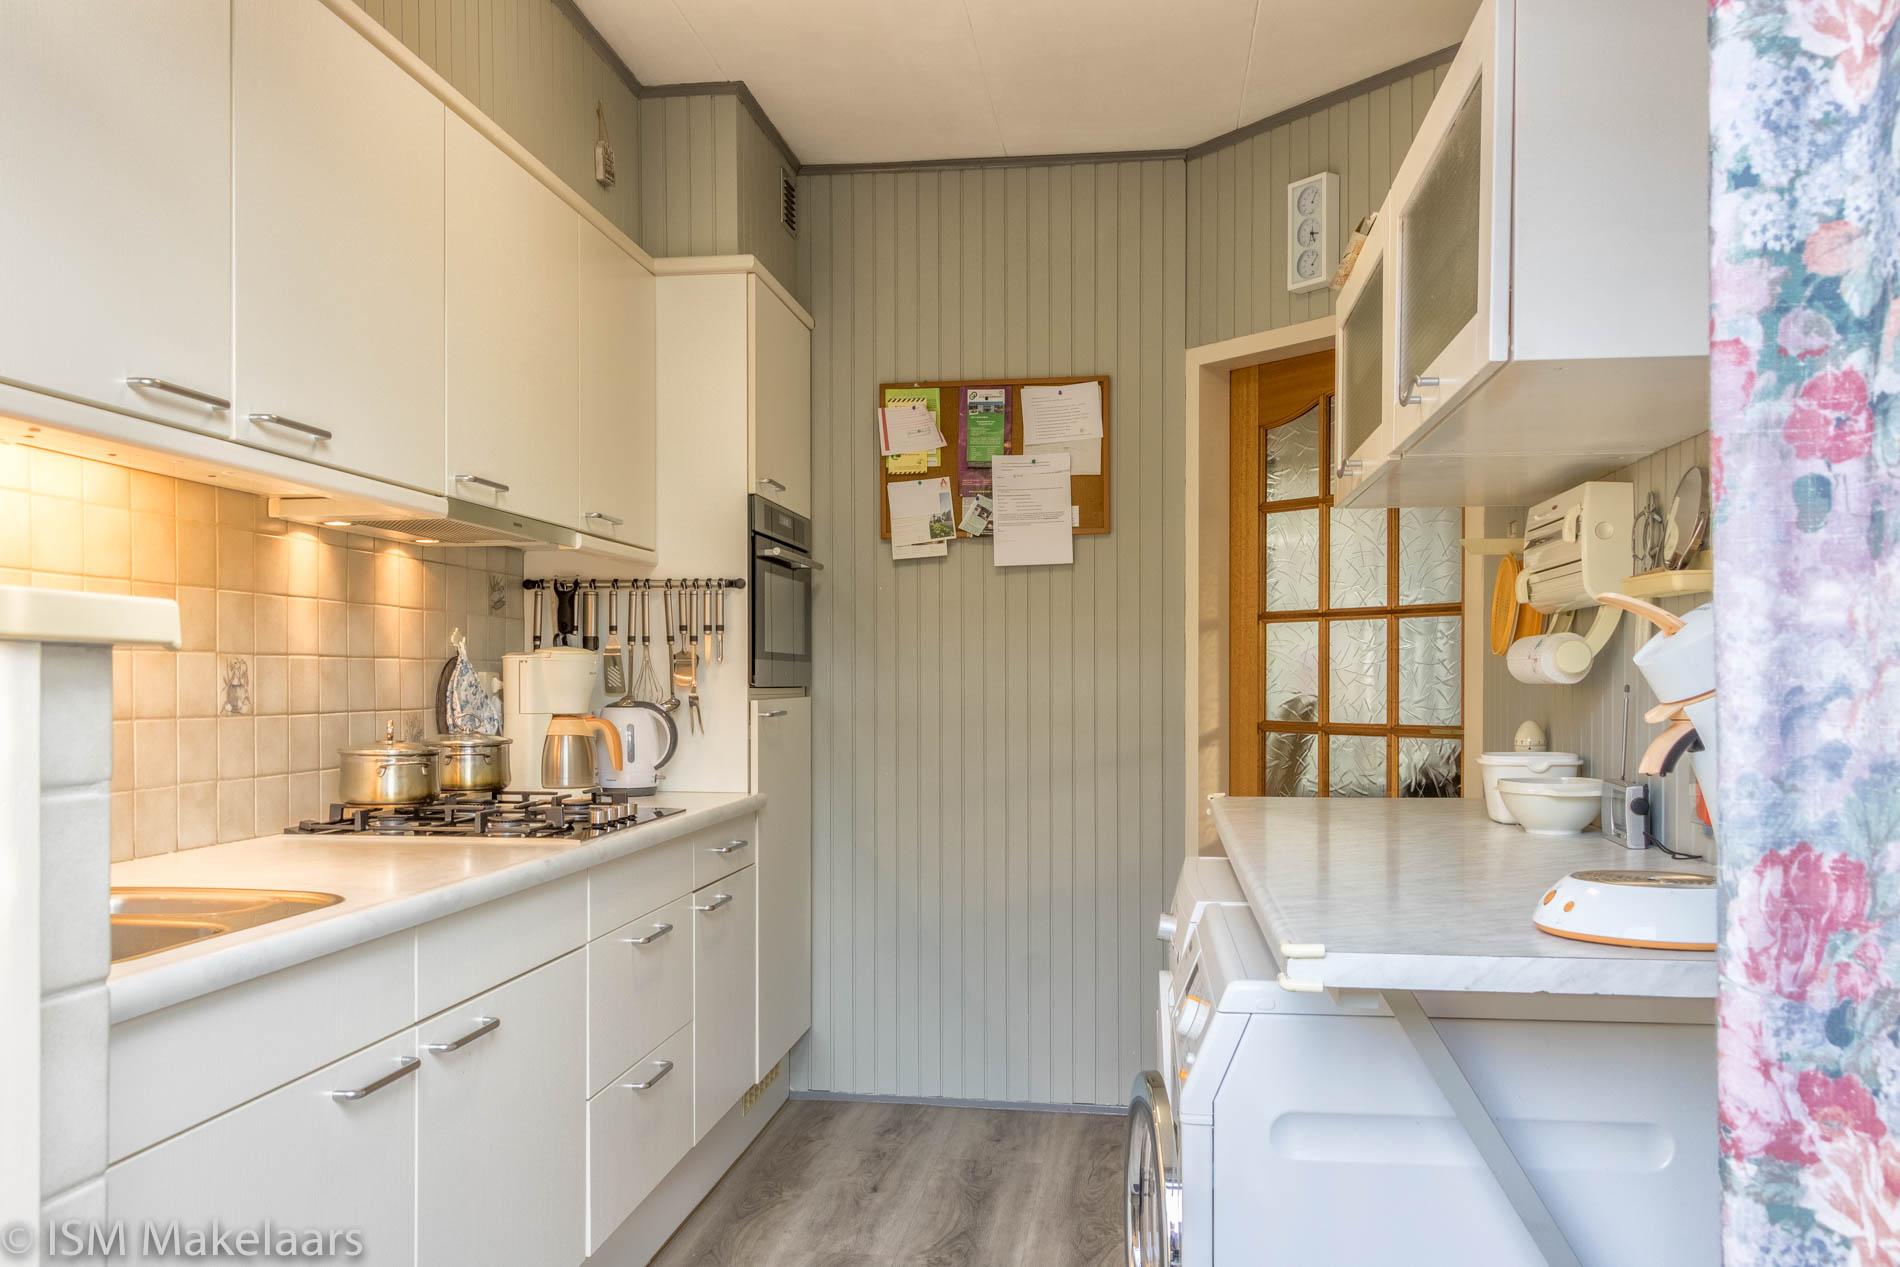 keuken van walenburghof 1 wolphaartsdijk ISM Makelaars